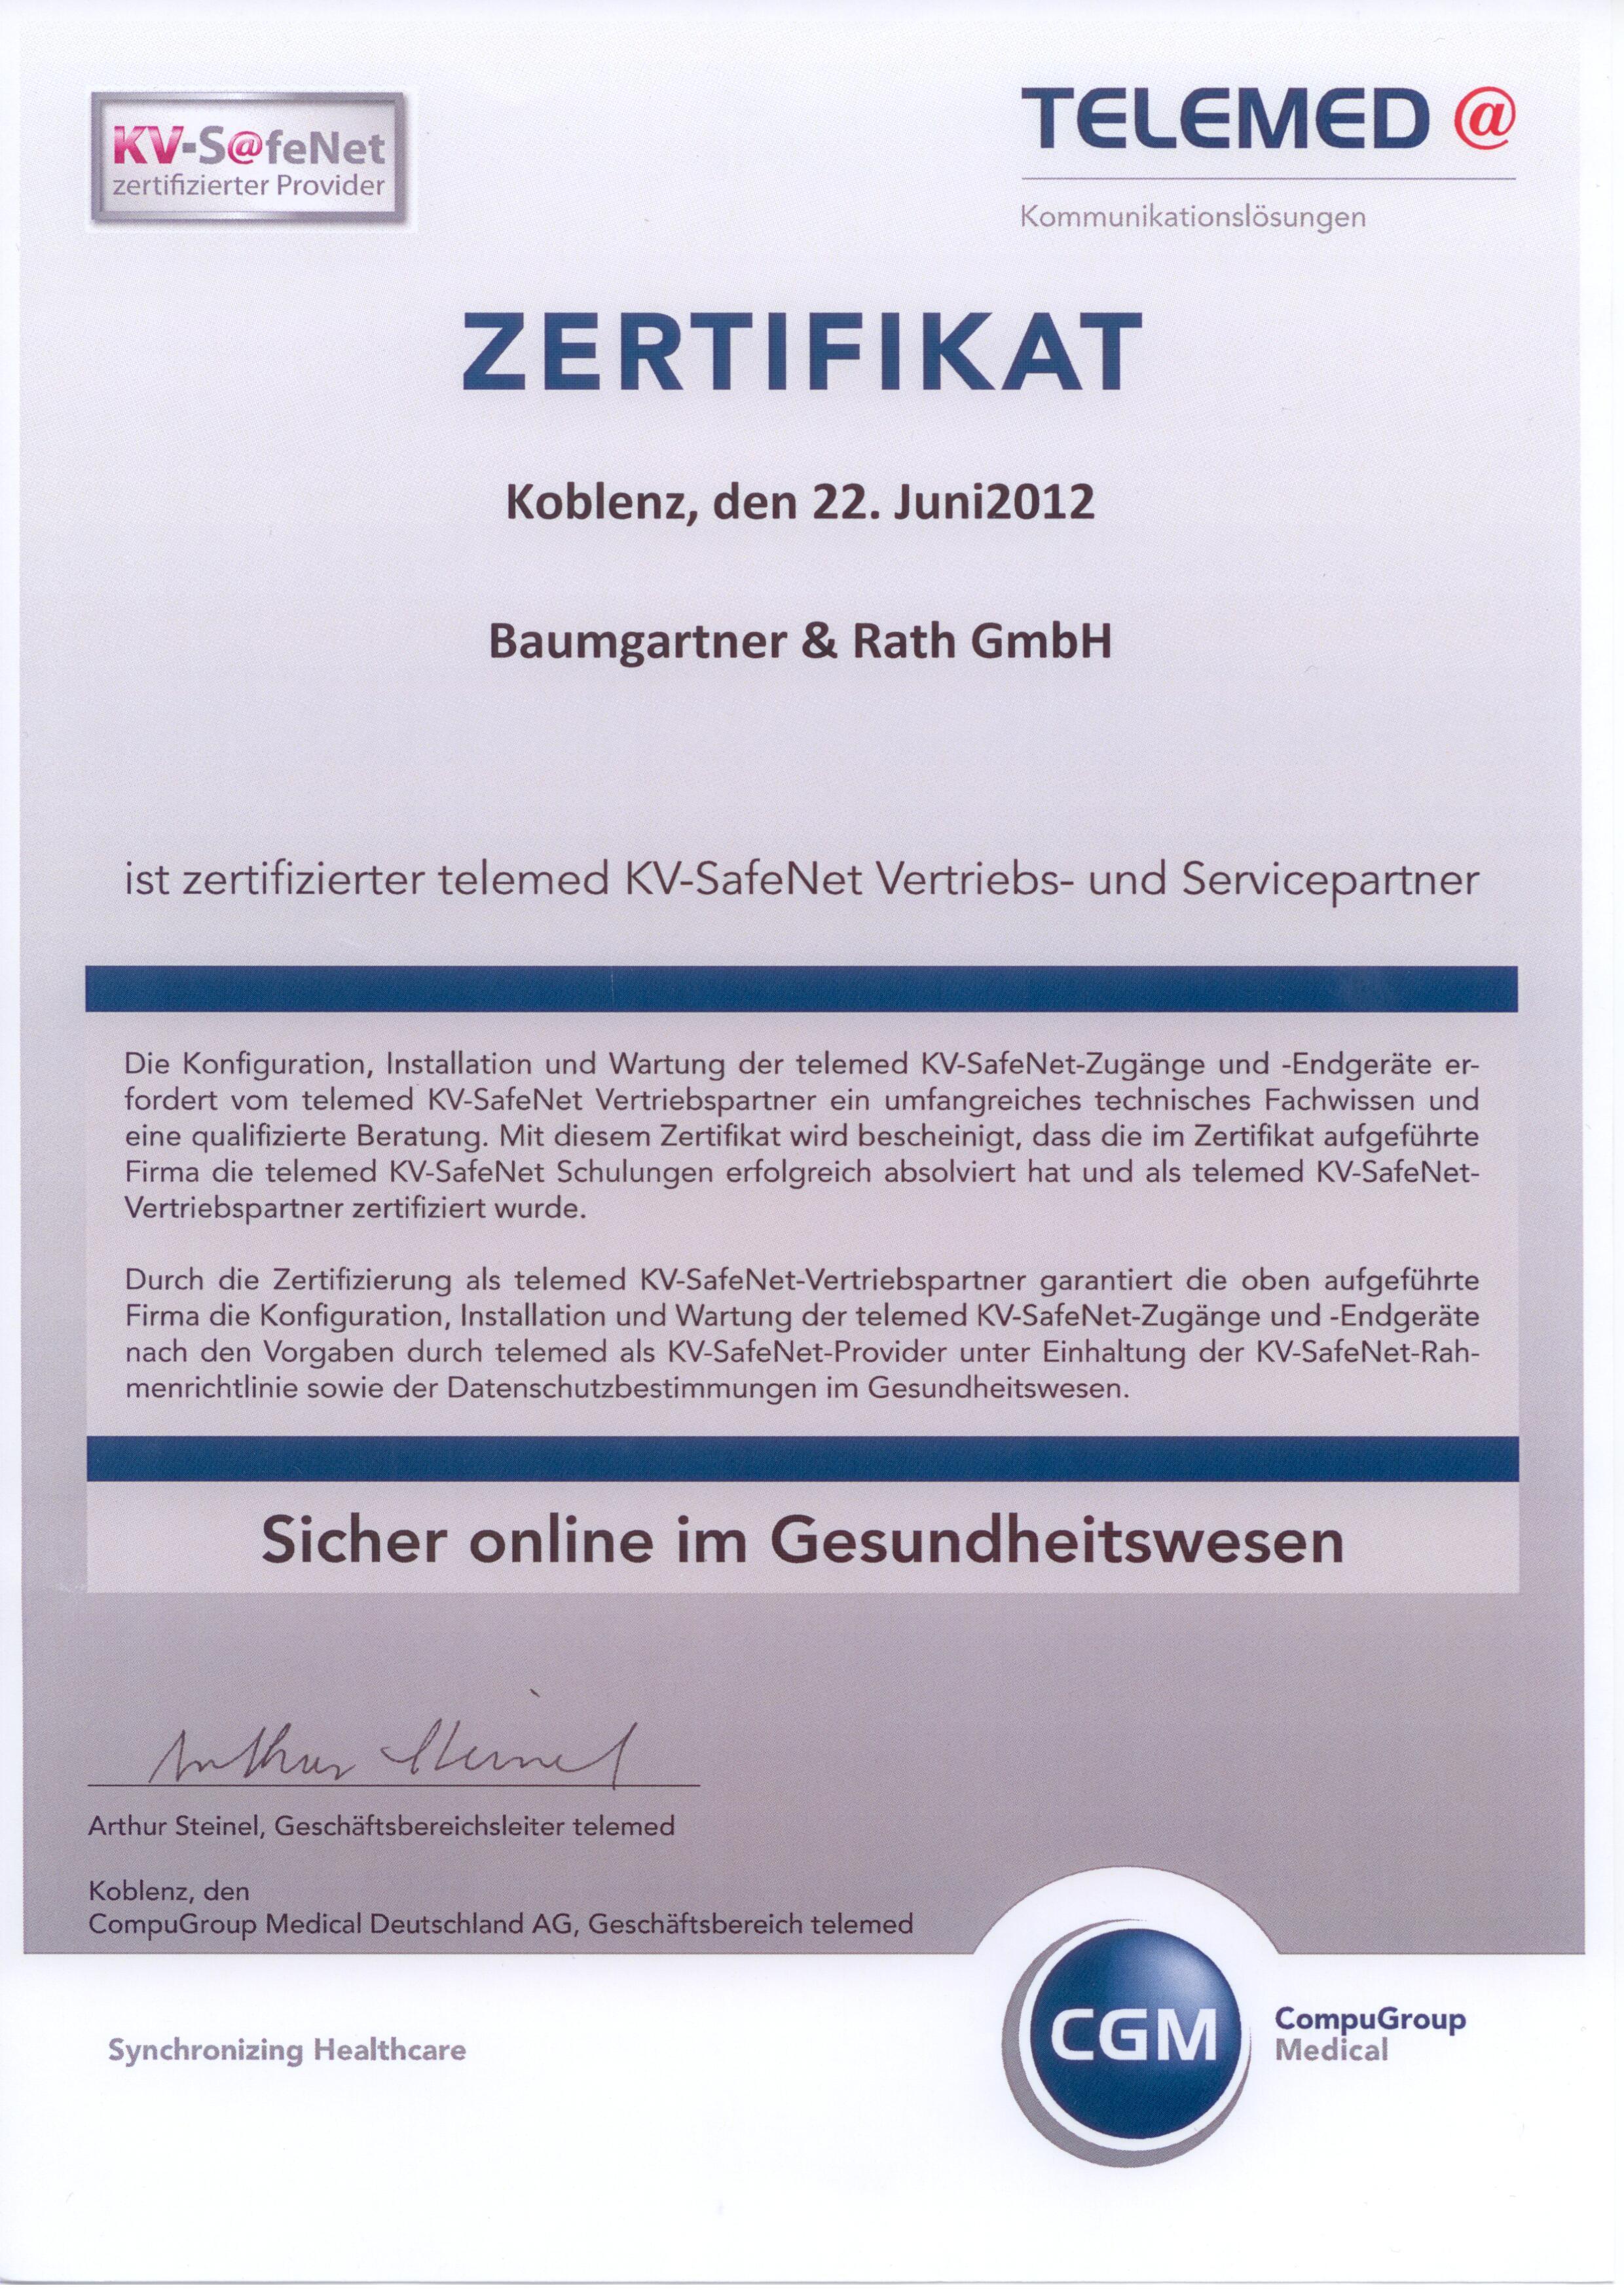 2012_10_Zertifikat - telemed KV-SafeNet